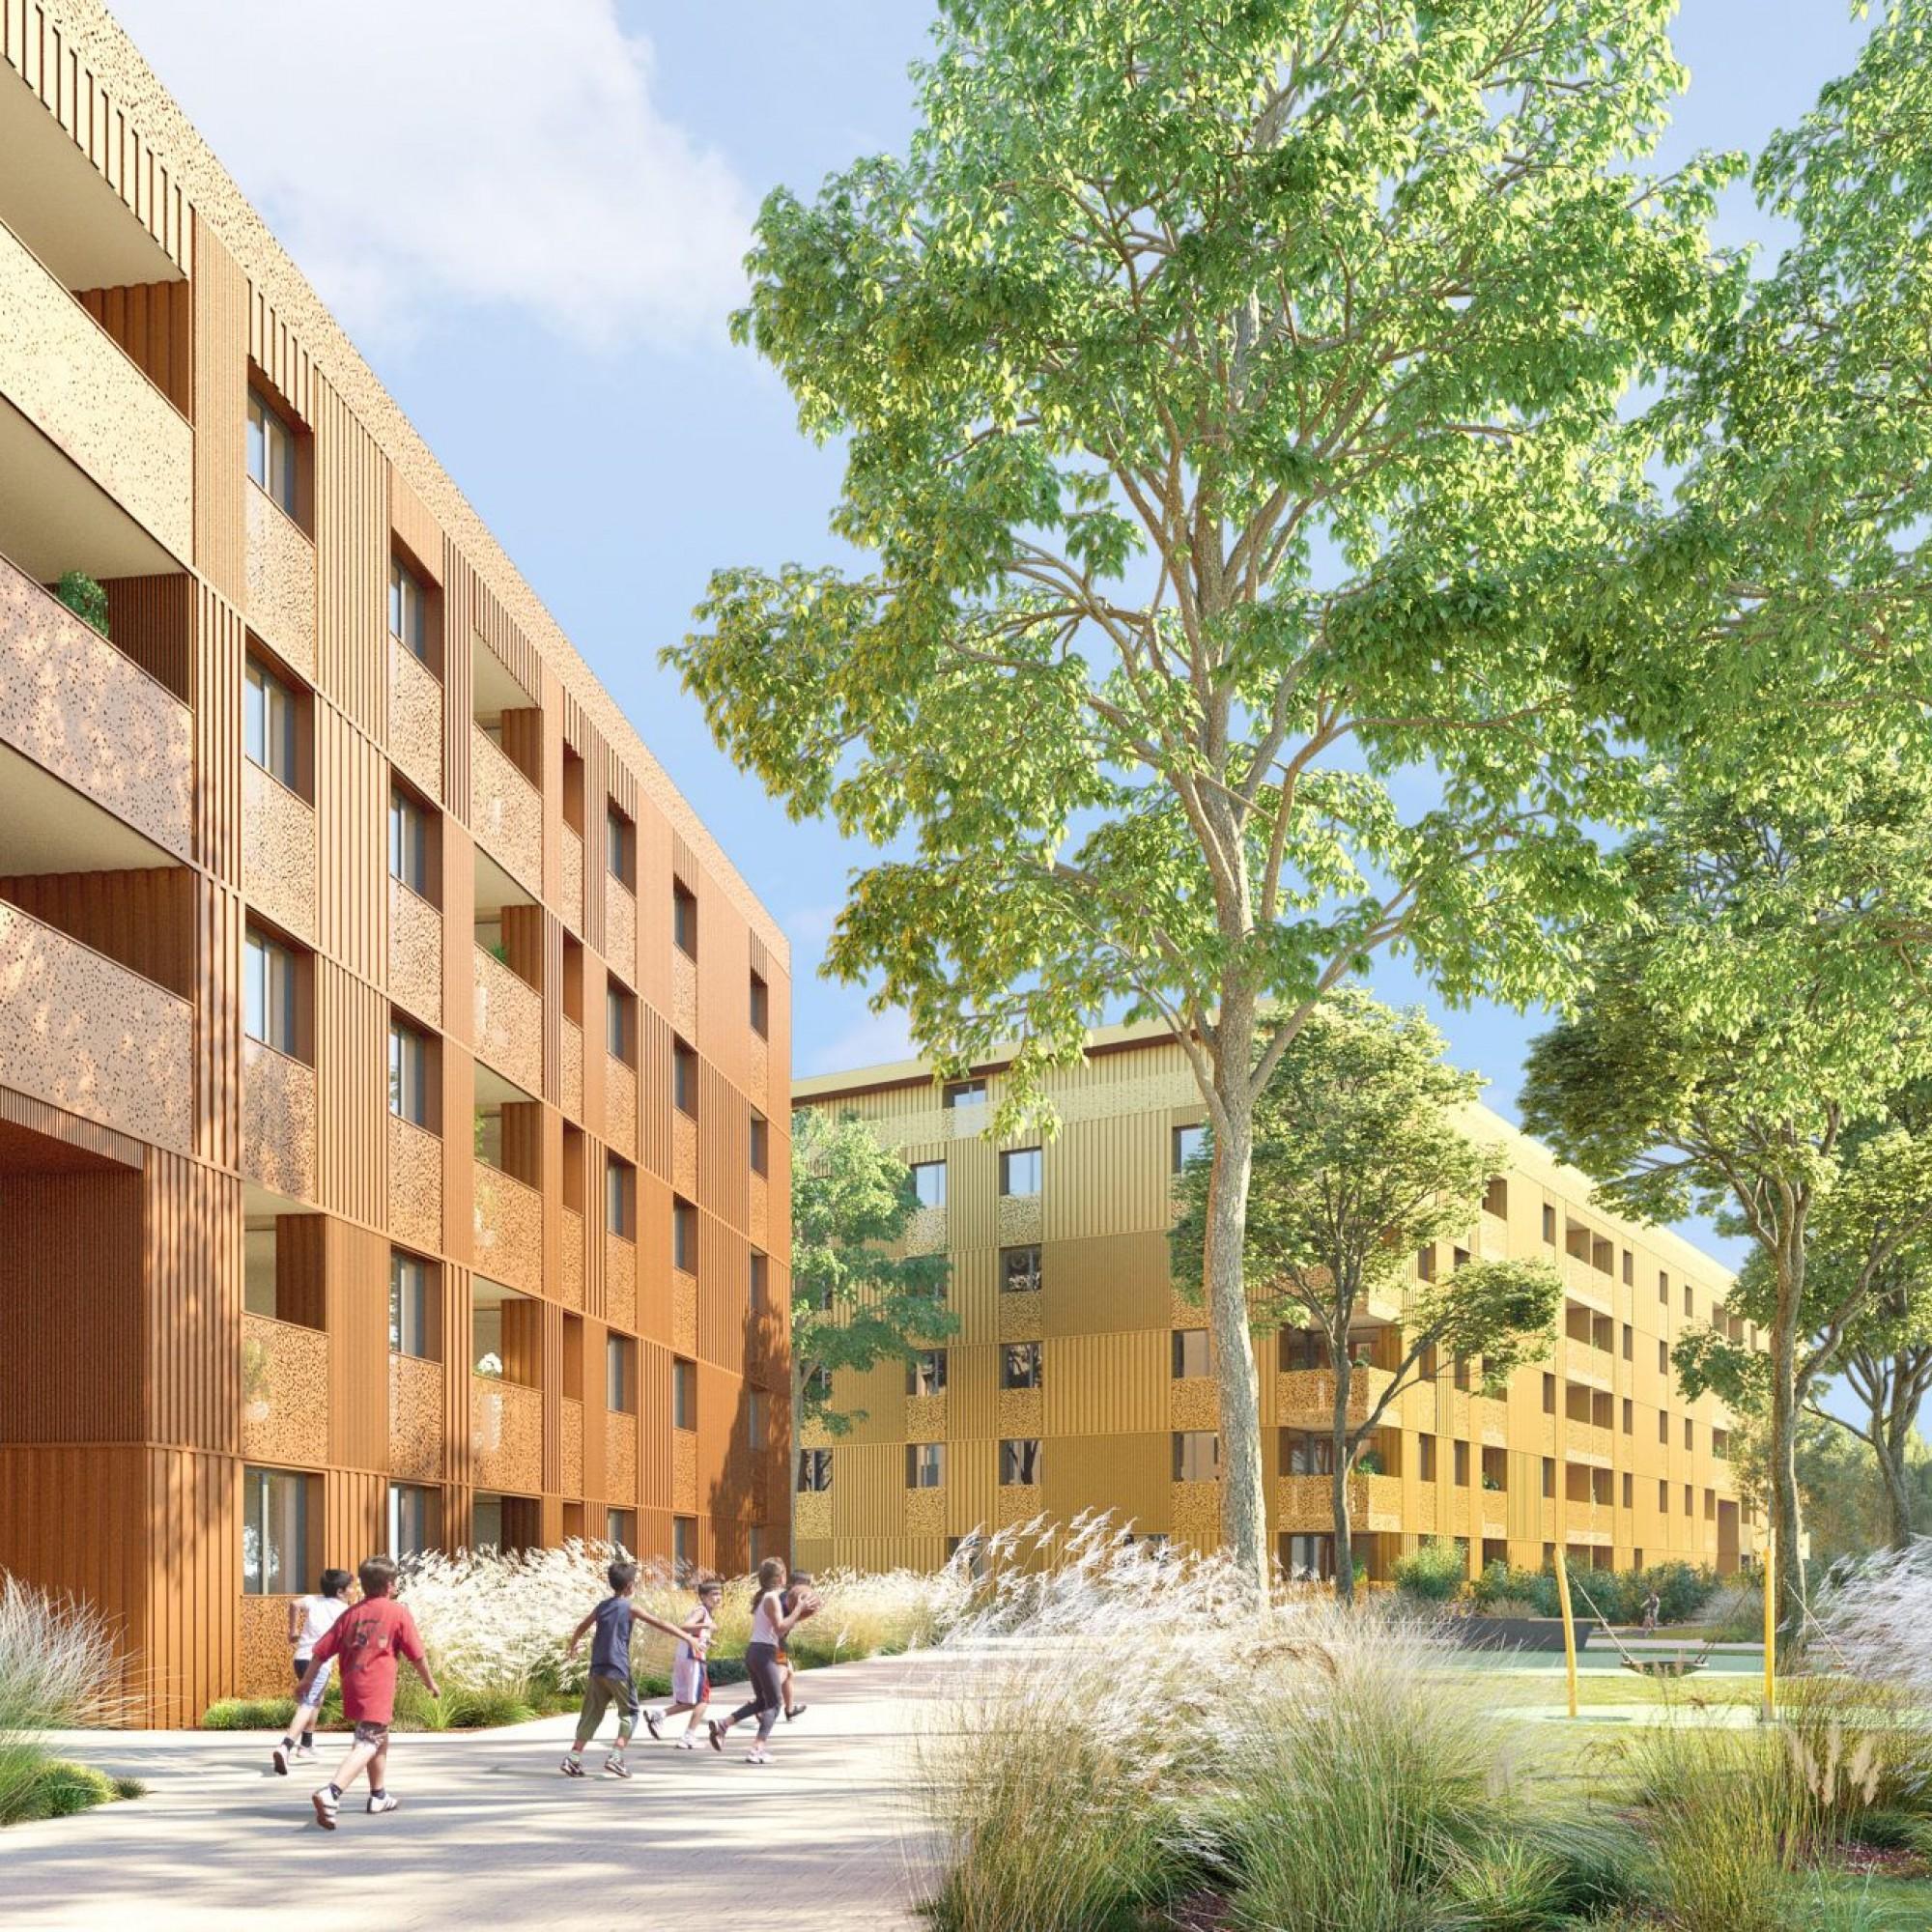 Les appartements à loyers abordables peuvent aussi se combiner avec un habitat durable.